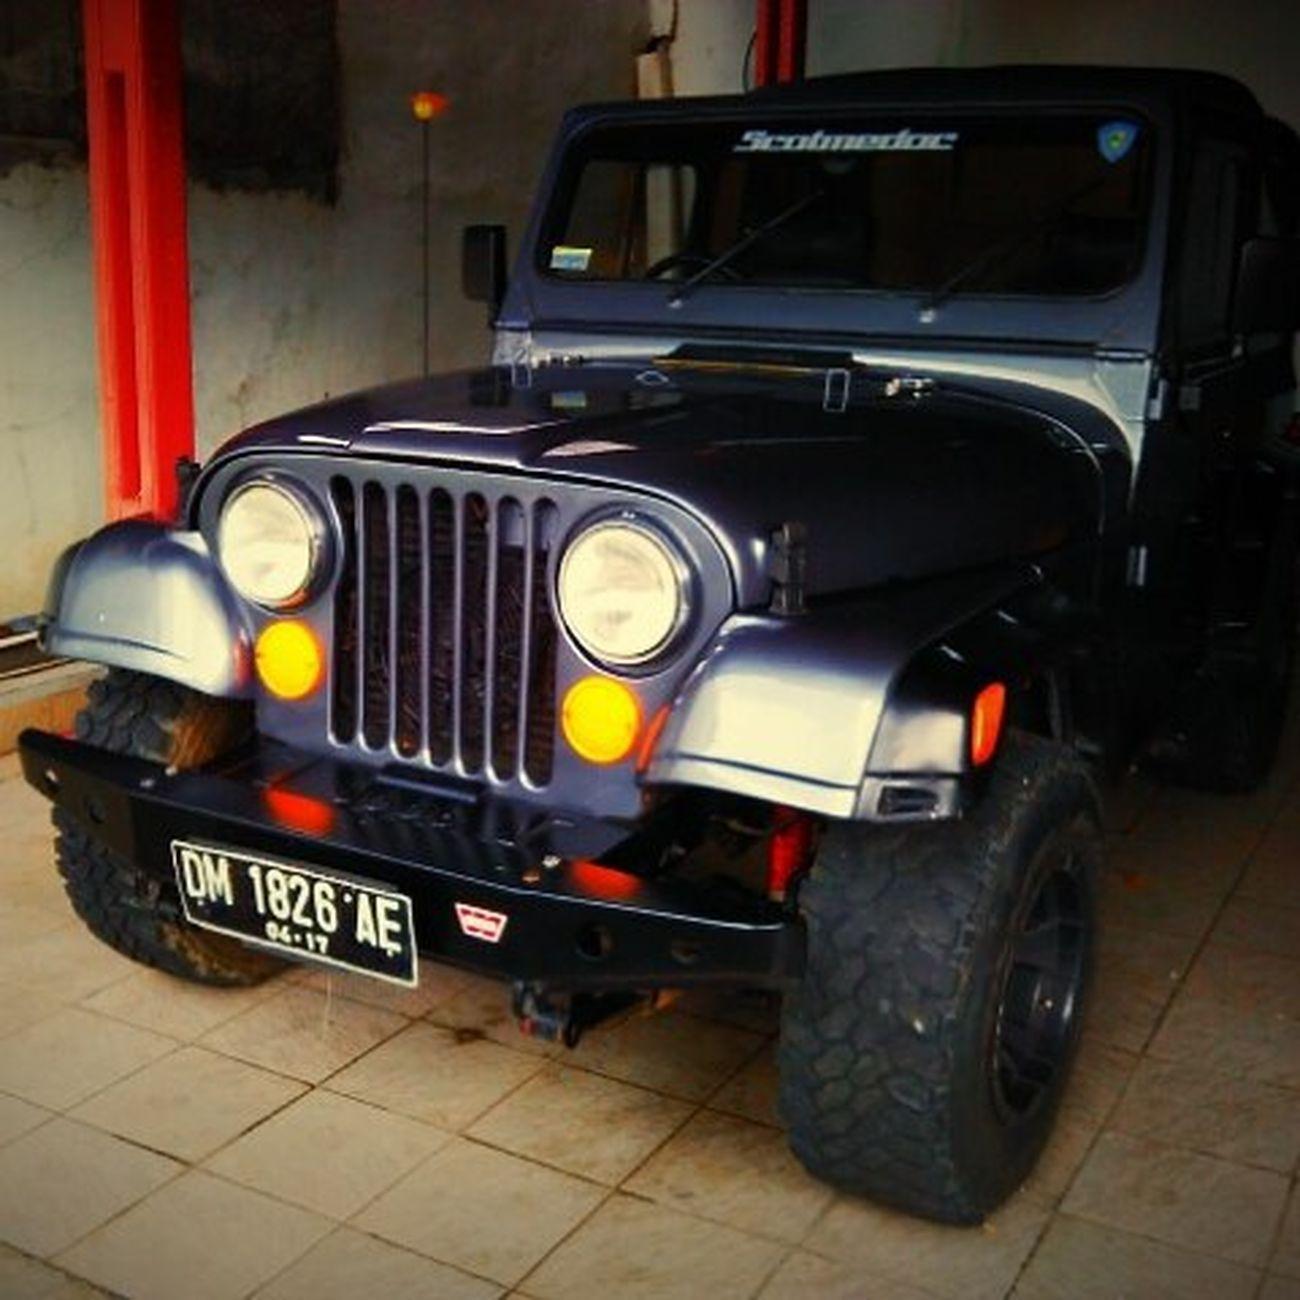 Coba di coba....jeep indonesia Satumanado Jeepher Jeep JeepIndonesia Offroad Extreamoffroad Speedoffroadindonesia Speedoffroad